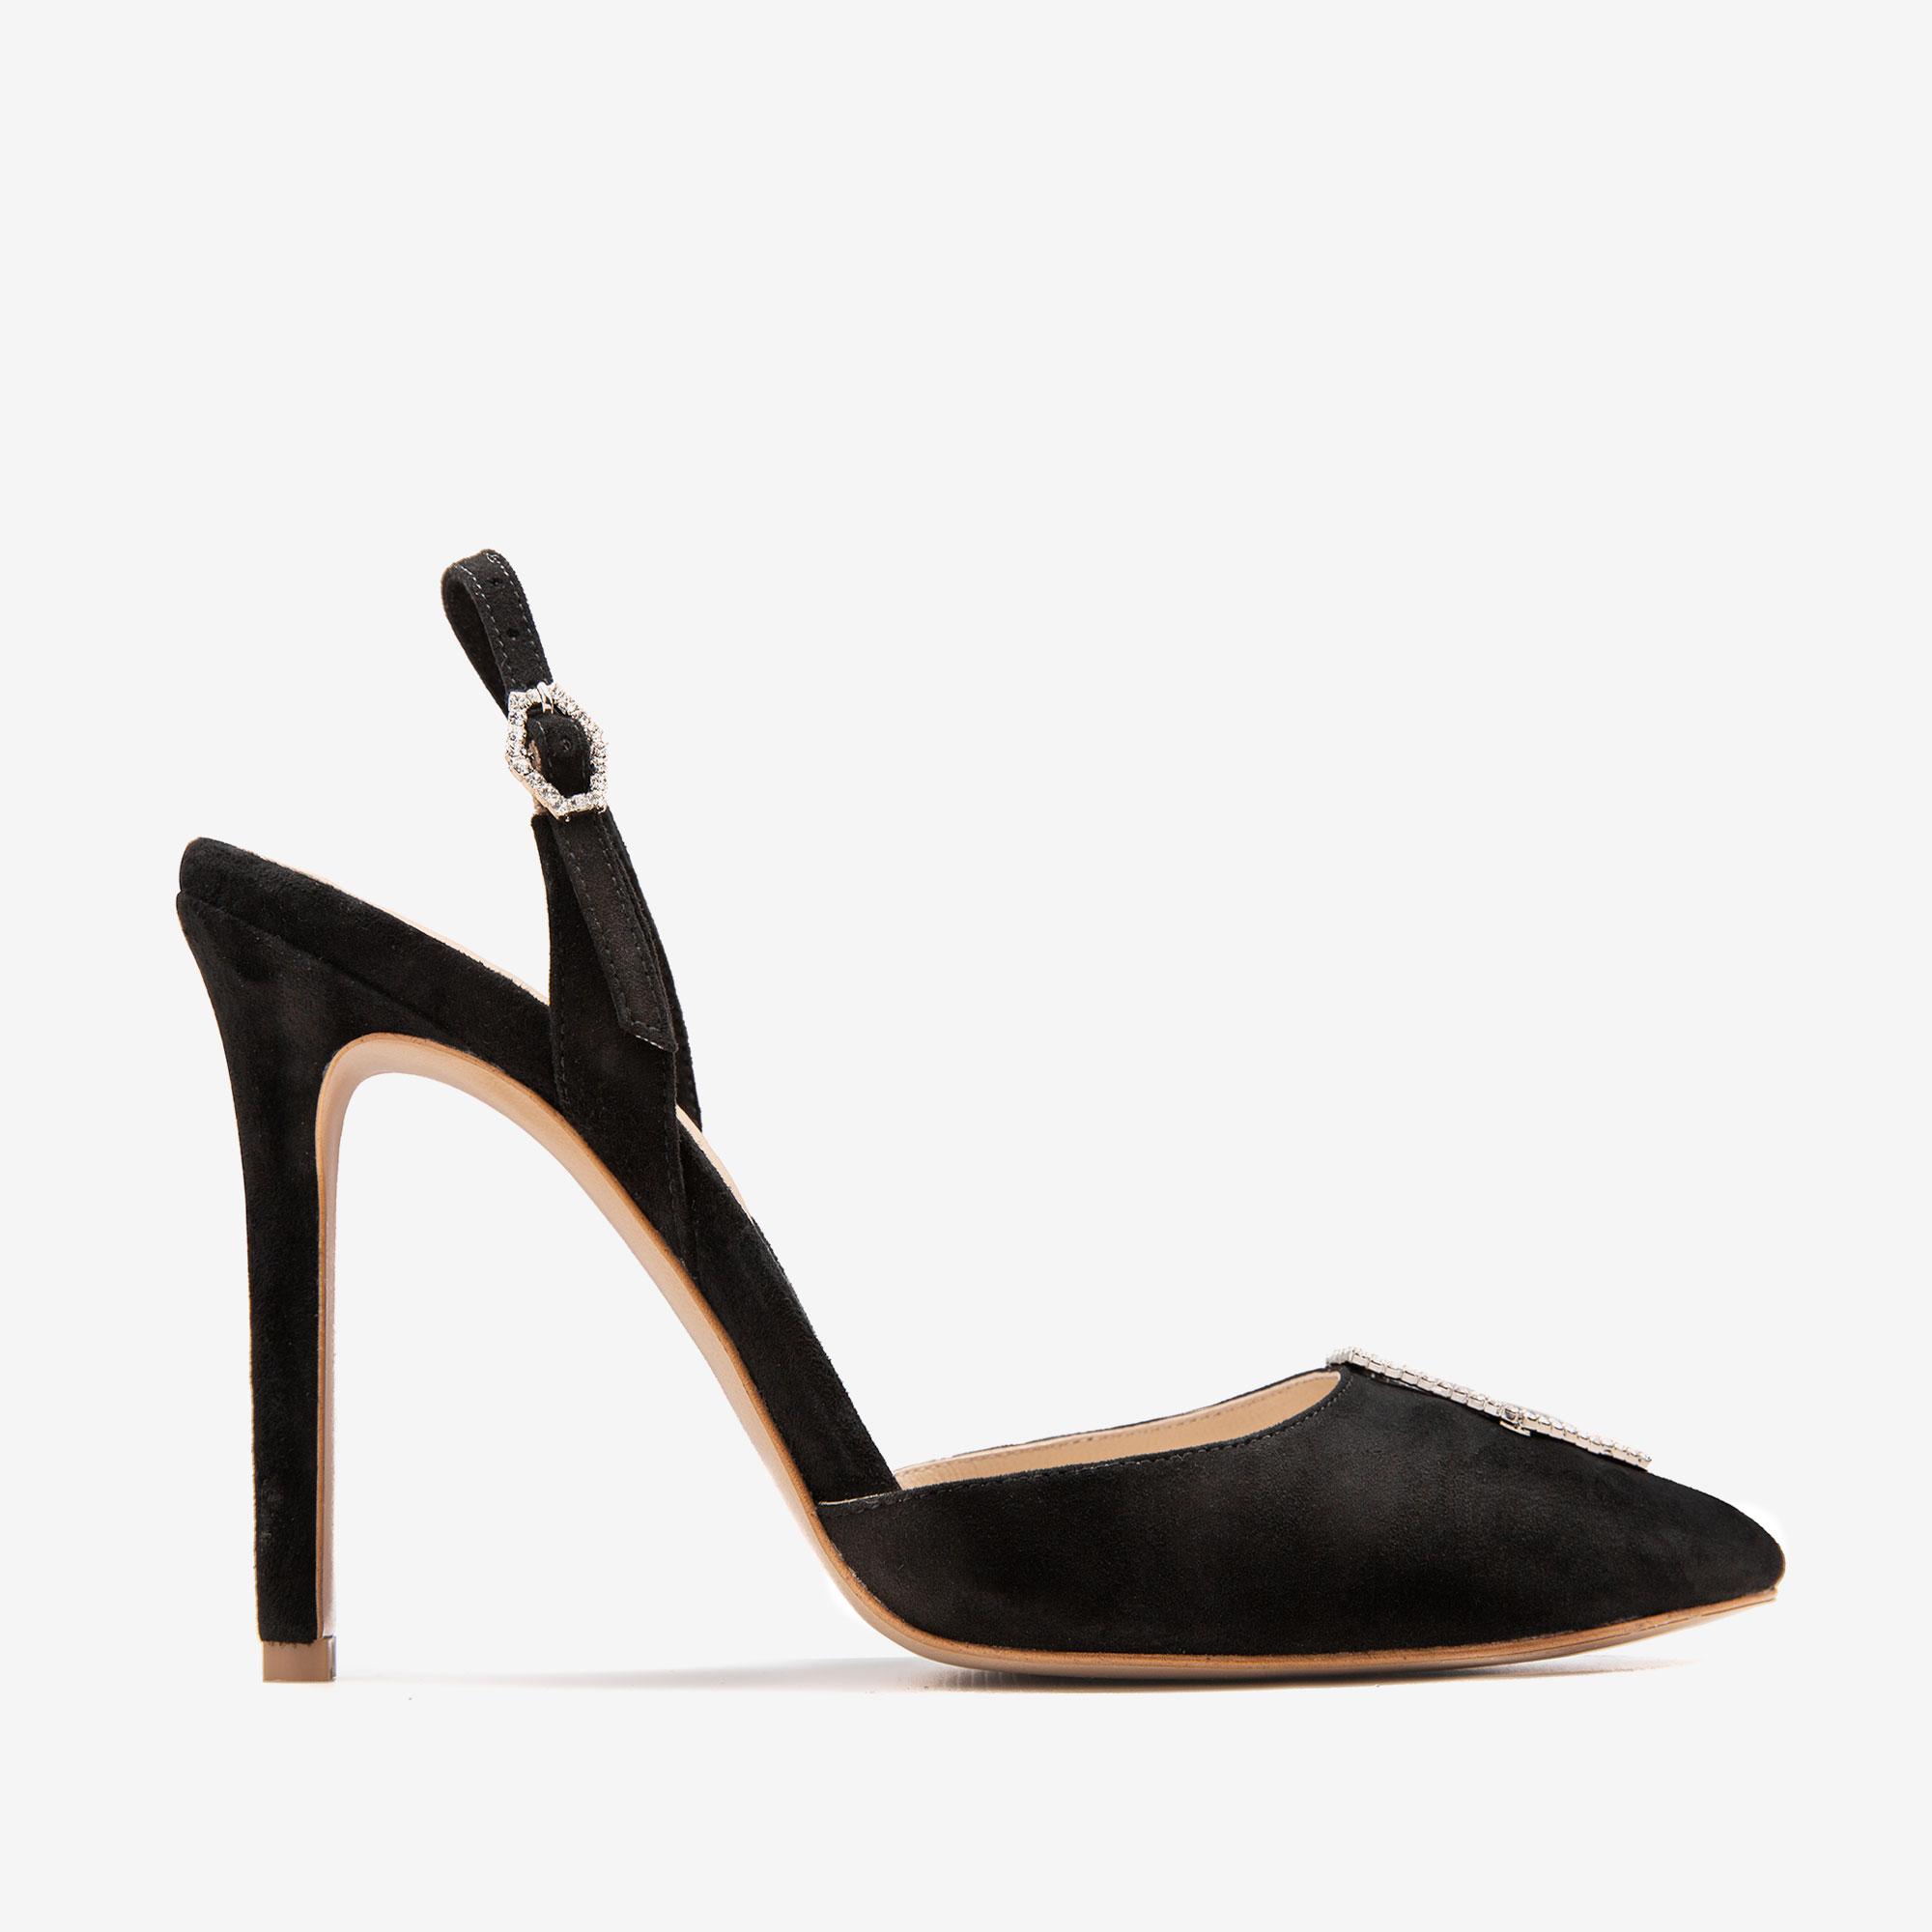 Pantofi din piele intoarsa cu accesoriu Cristal Infinity Ginissima imagine 0